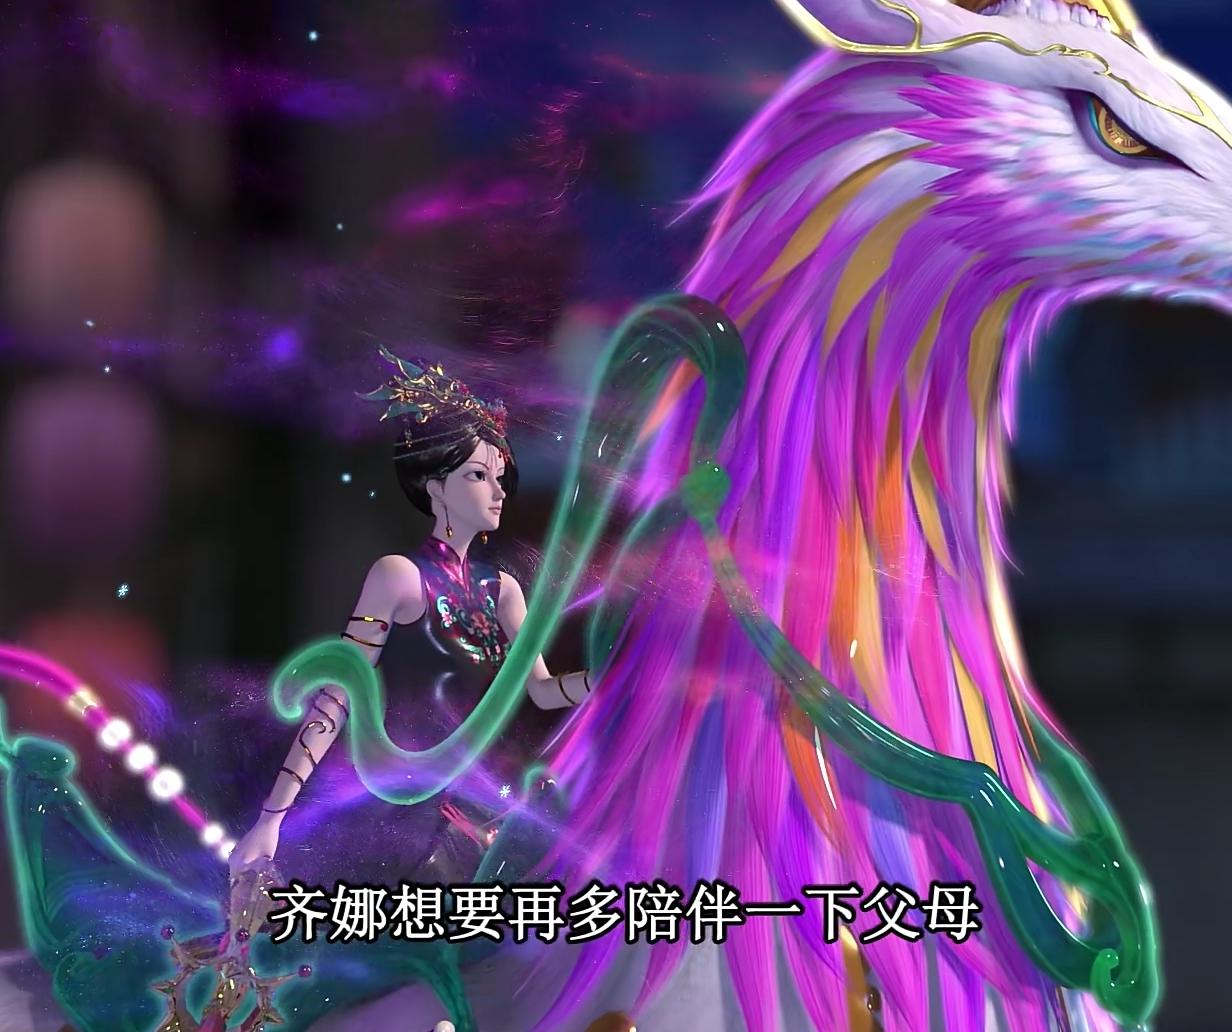 叶罗丽:5位仙子坐骑大比拼,辛灵仙子的最美,金王子的最可怜图片